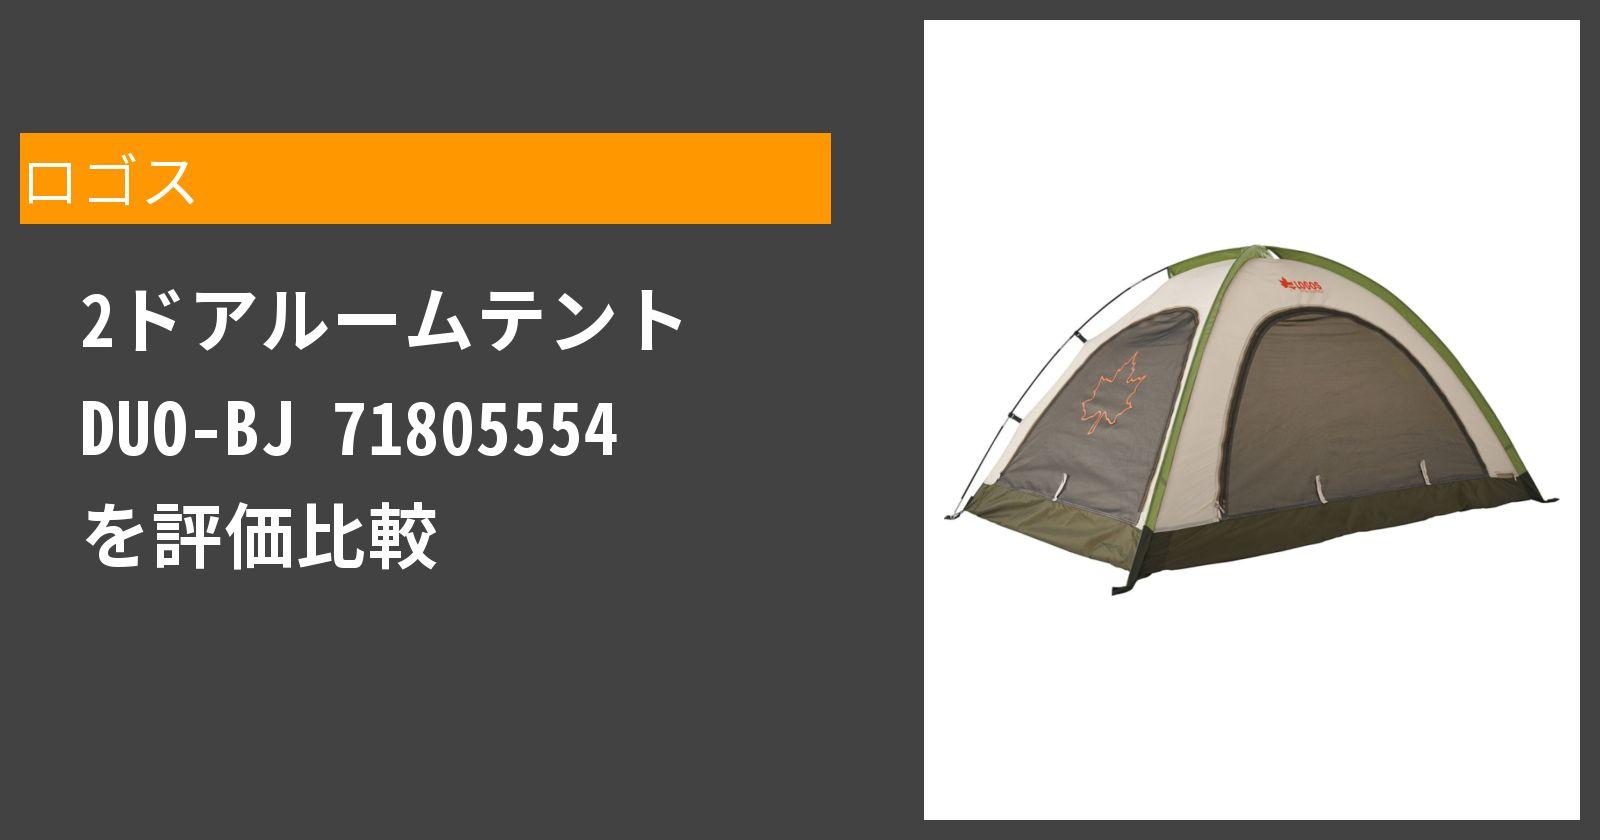 2ドアルームテント DUO-BJ 71805554を徹底評価